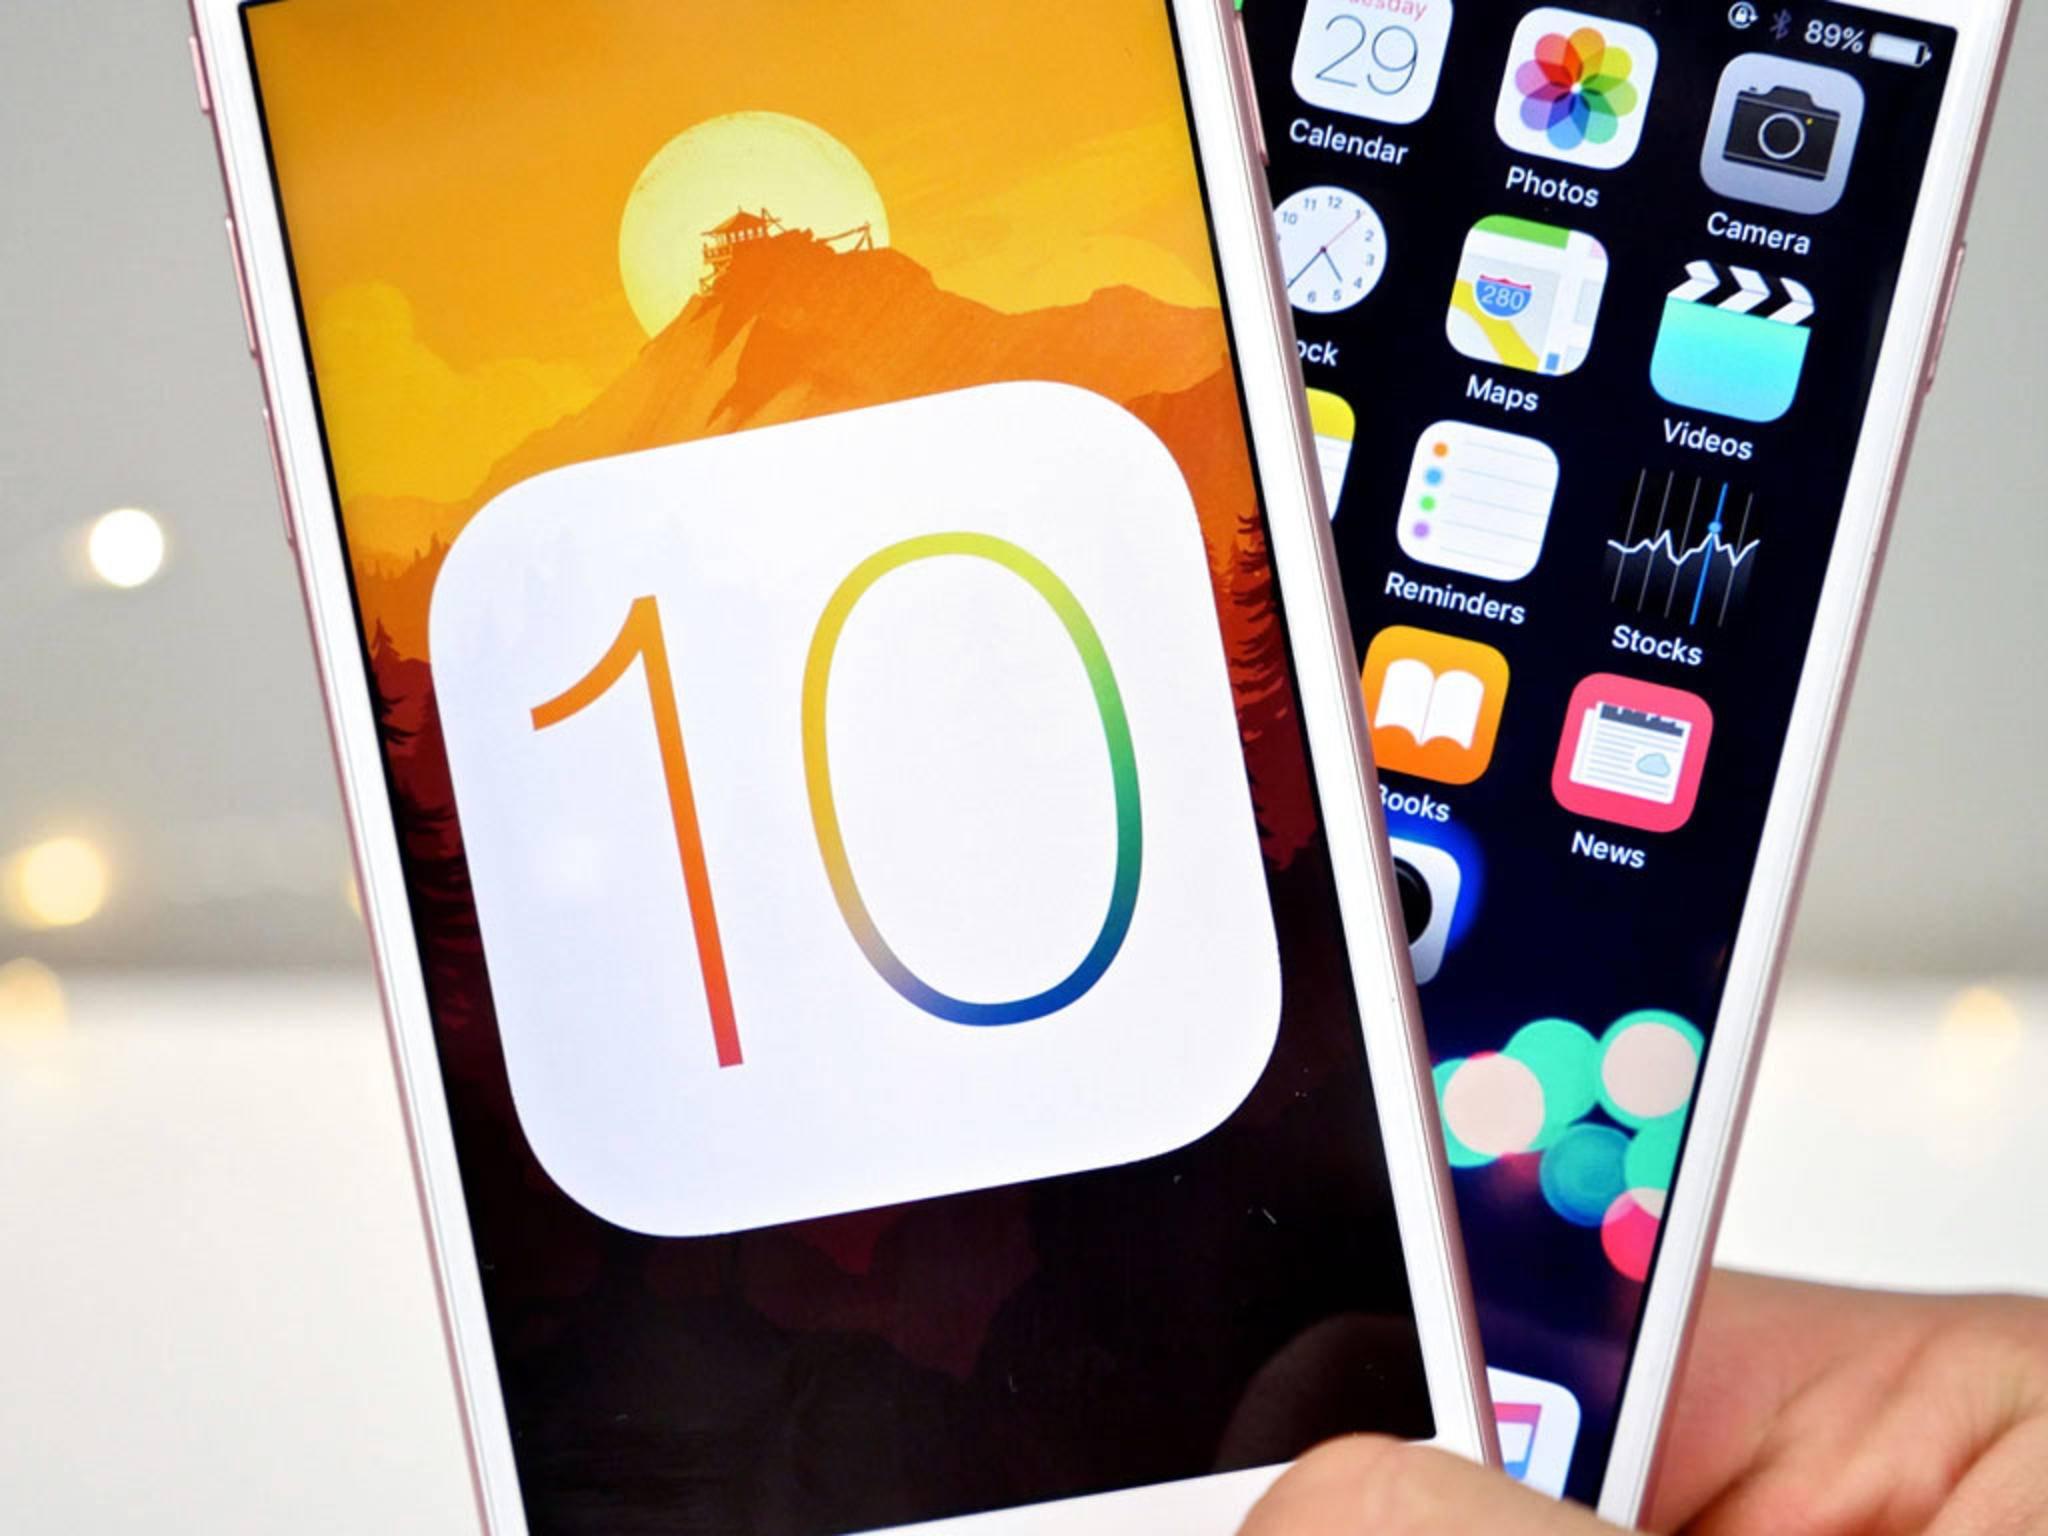 Das sind die ersten bekannten Bugs in iOS 10.